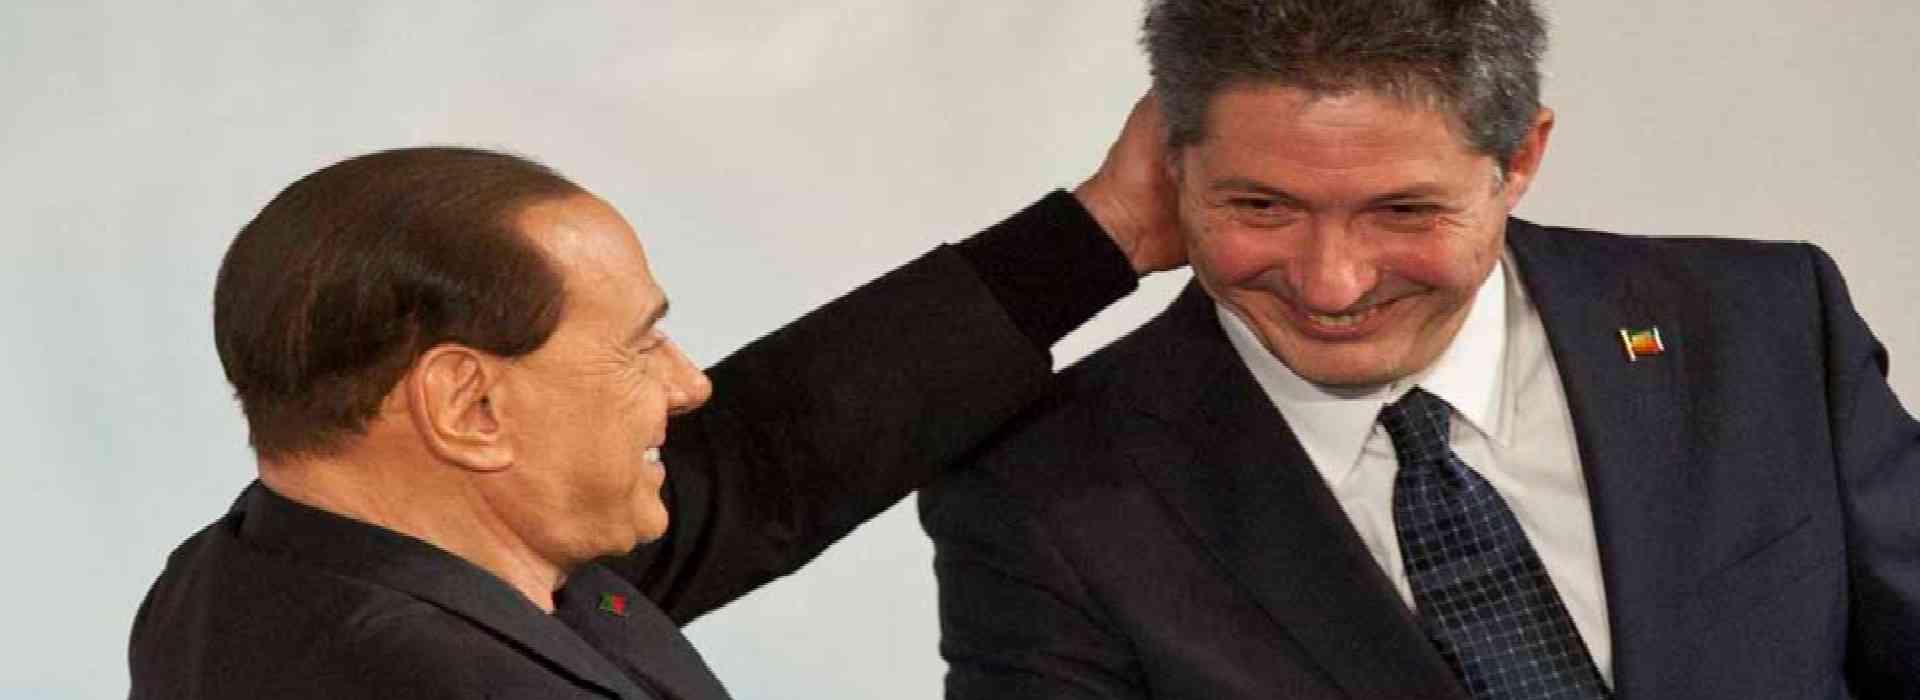 Marcello Fiori, il dirigente di Forza Italia con stipendio pubblico